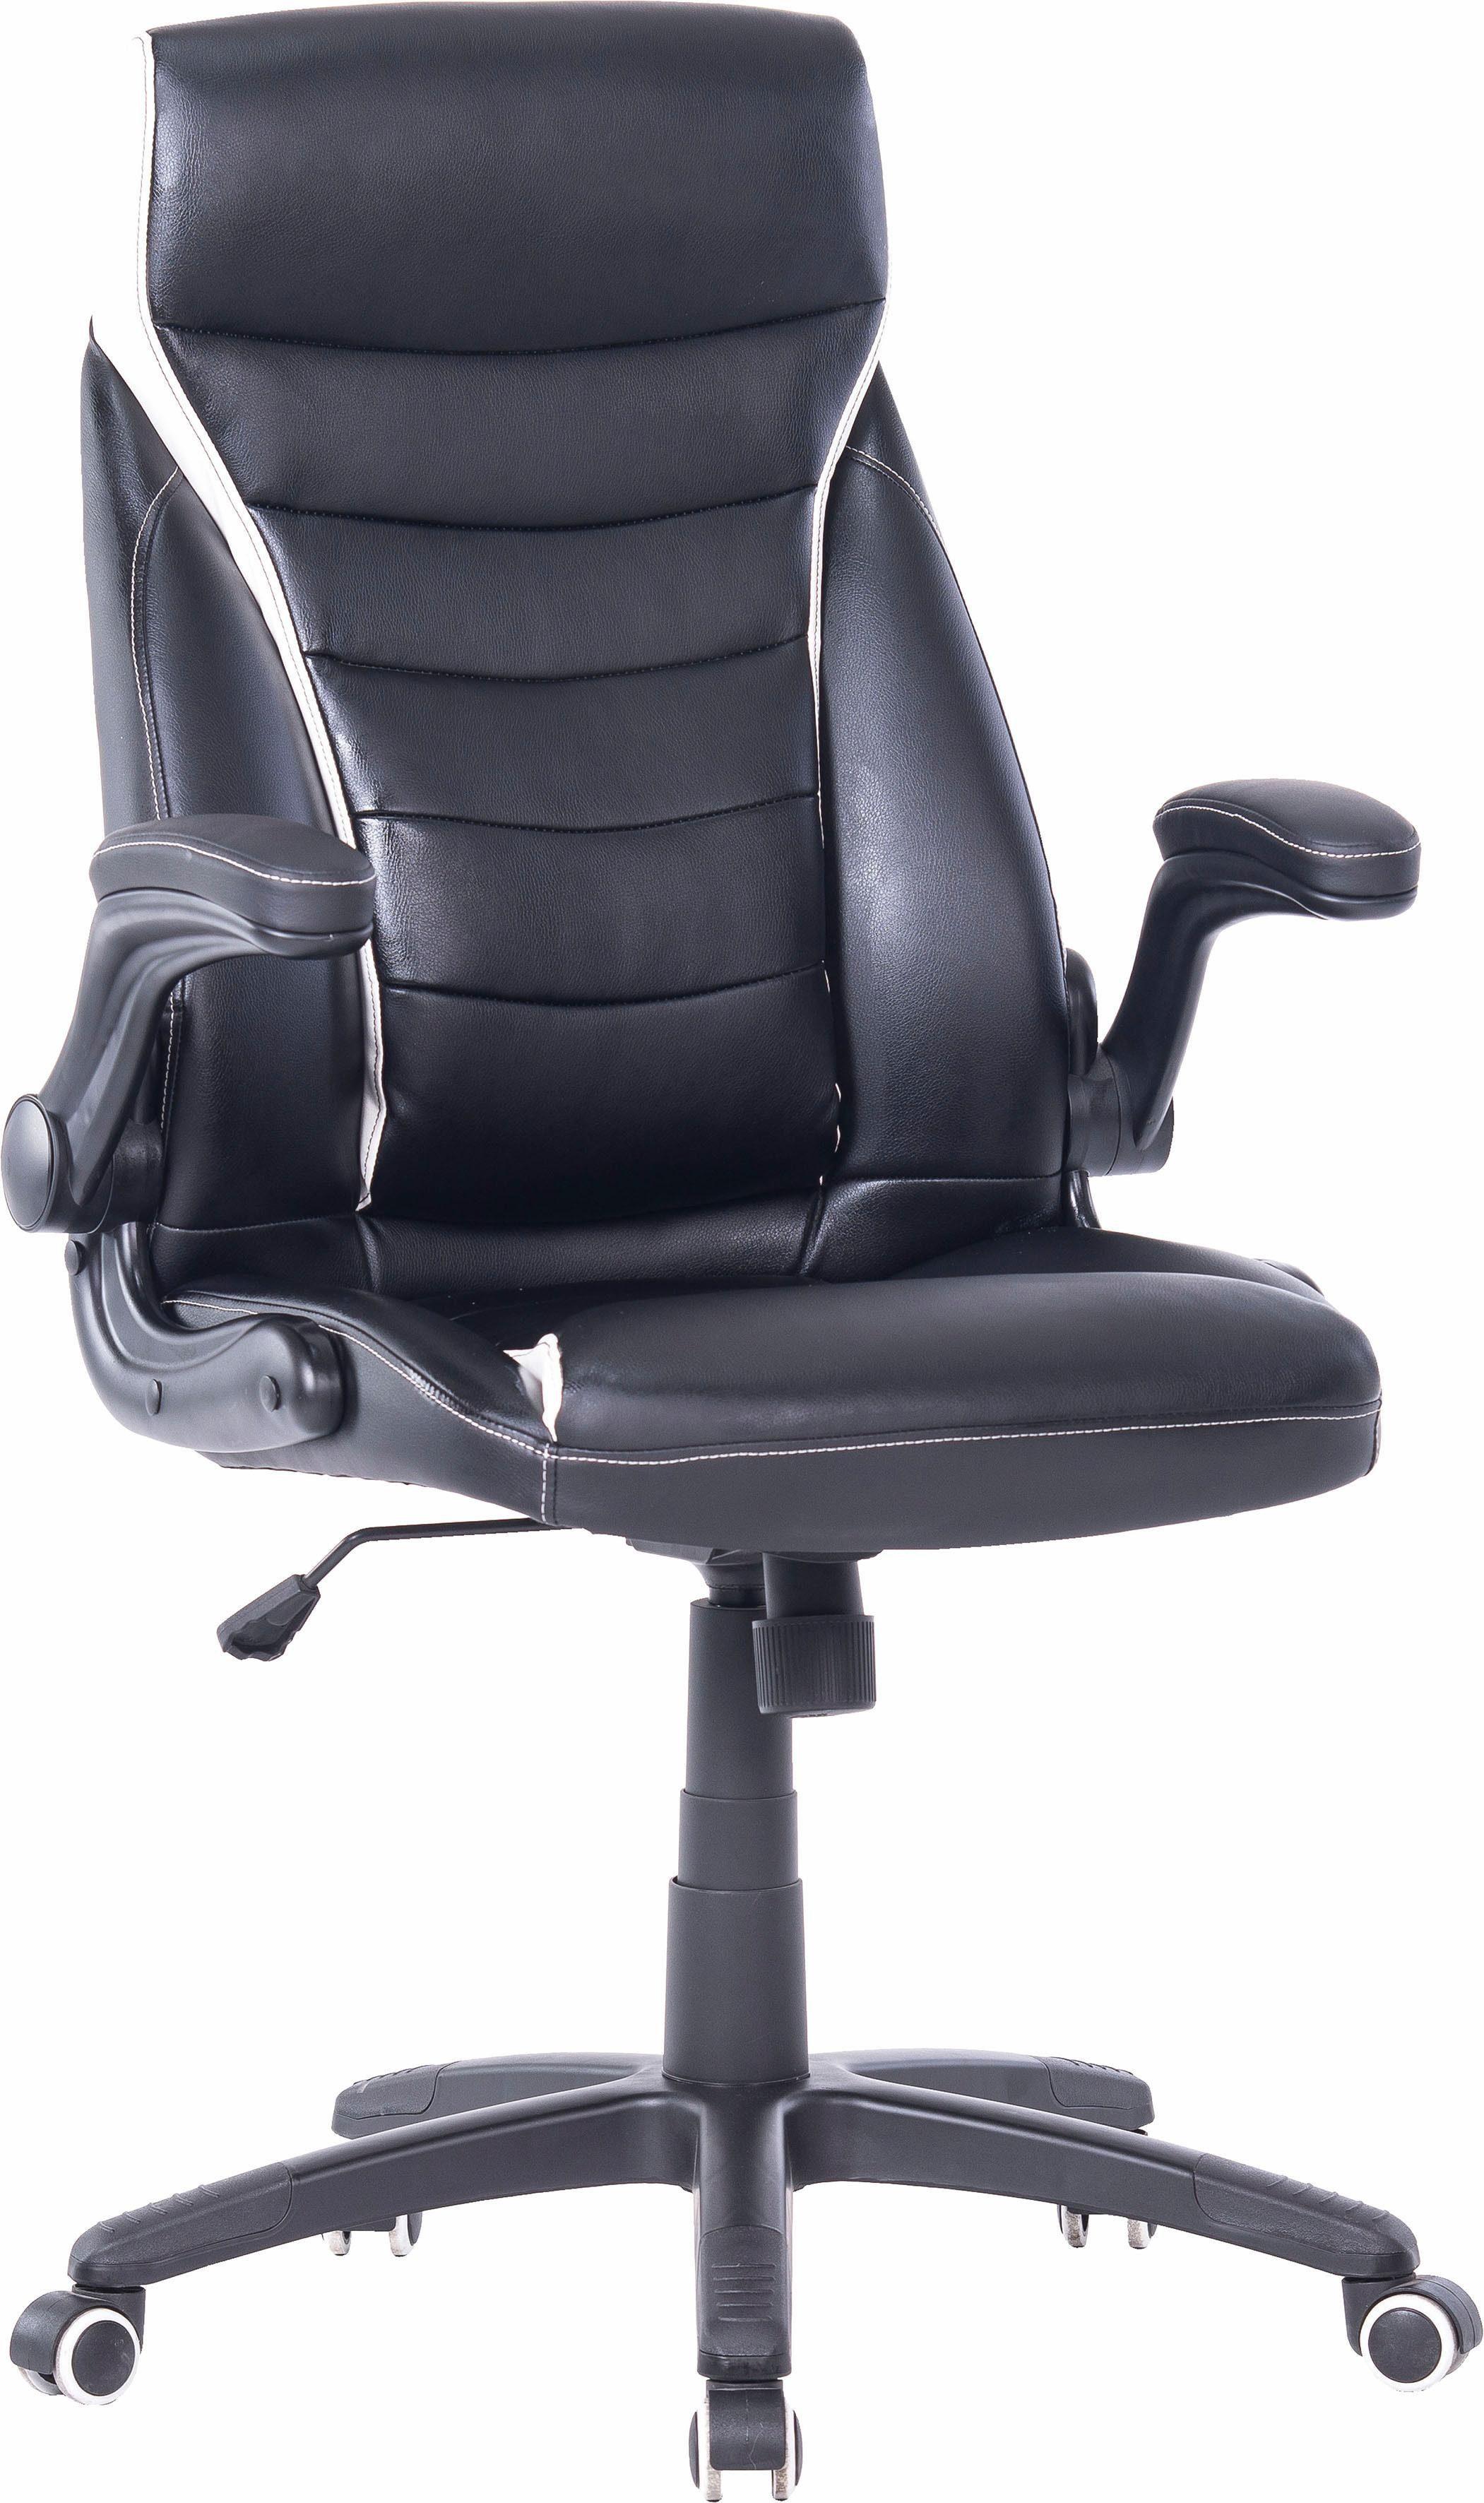 Hochglanz-Metall Chefsessel Online Kaufen | Möbel-Suchmaschine